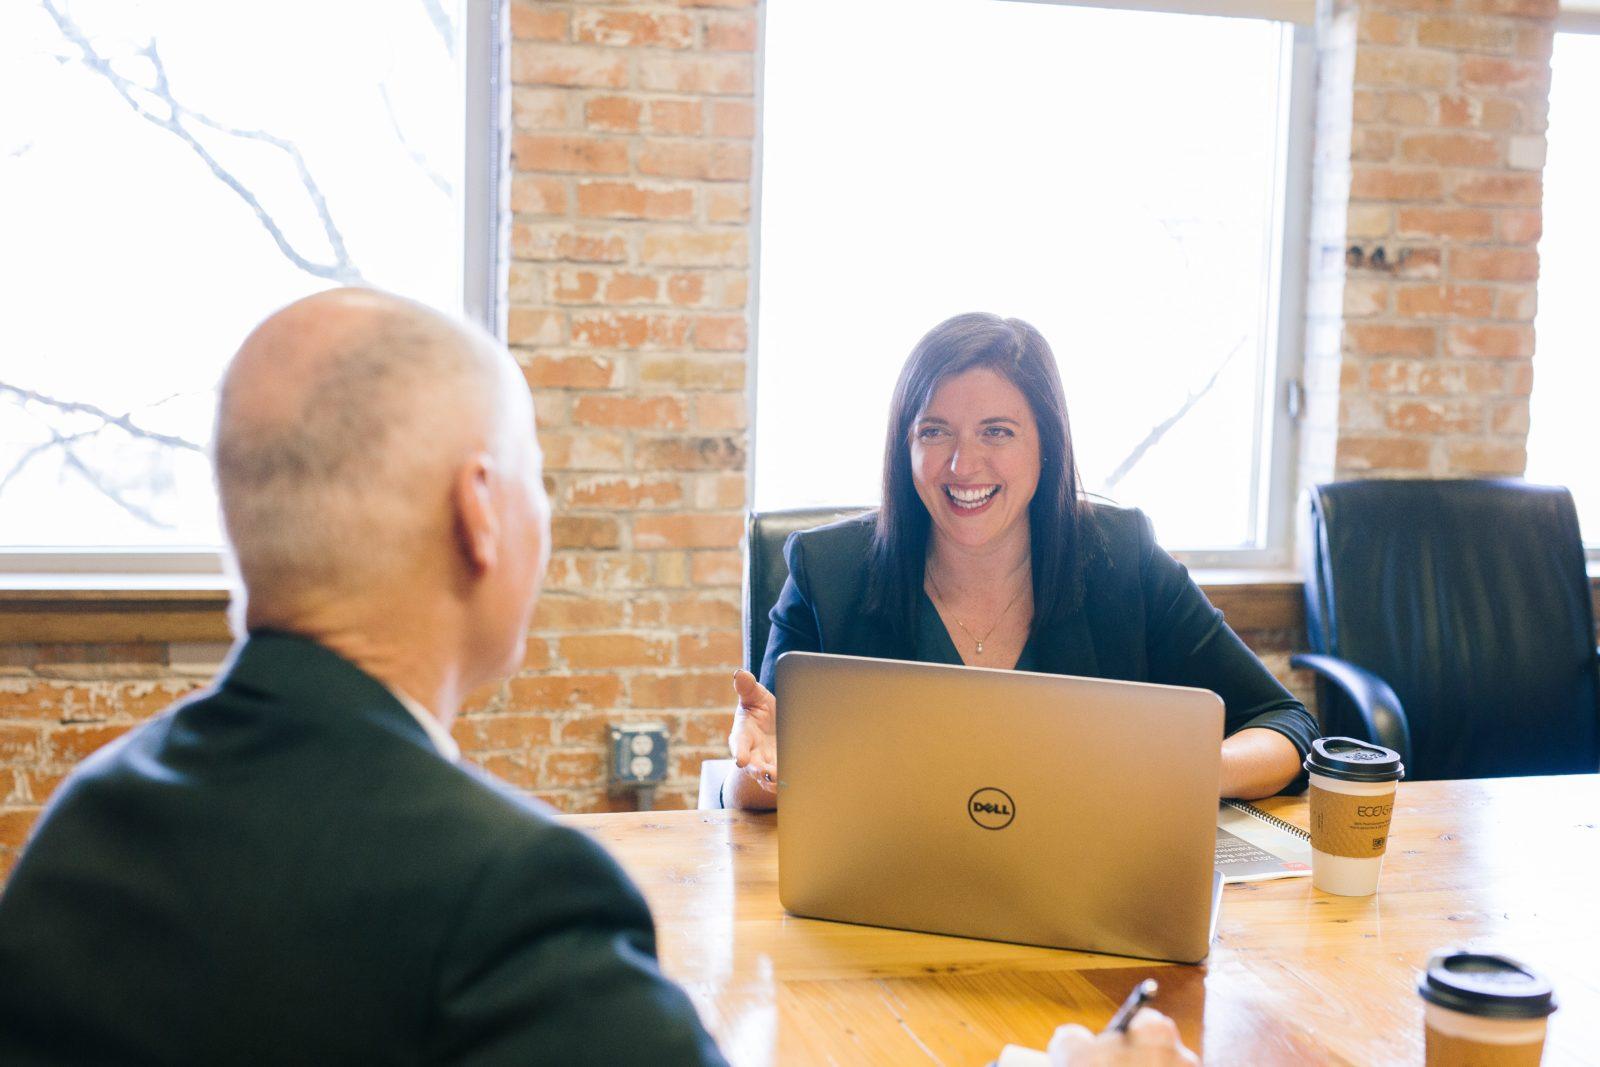 Eine berufliche Gesprächssituation. Ein älterer Herr von hinten sitzt einer Frau gegenüber, die lächelnd vor einem Laptop sitzt.